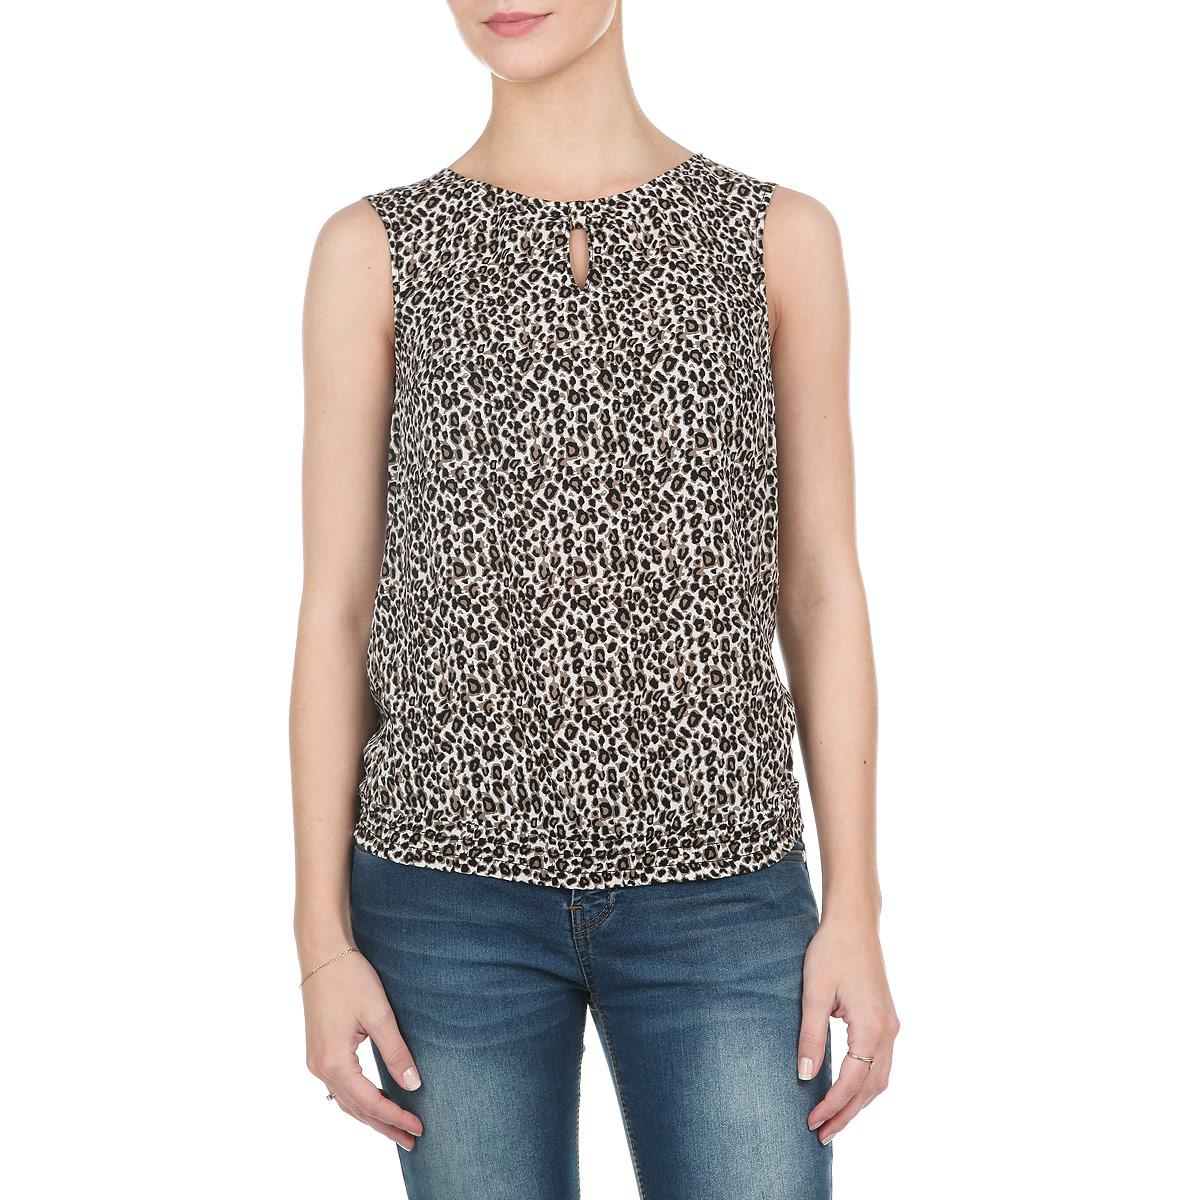 Блузка женская. S15-12081S15-12081_711Элегантная блузка Finn Flare выполнена из мягкой вискозы с леопардовым принтом. Модель свободного кроя с круглым вырезом горловины и без рукавов. Низ изделия собран на резинку. Спереди блузка оформлена вырезом в форме капли. На спинке модель застегивается на металлическую пуговку. Лаконичная блузка будет идеально сочетаться с узкими брюками или леггинсами. Эта блузка послужит отличным дополнением к вашему гардеробу, в ней вы будете чувствовать себя комфортно.